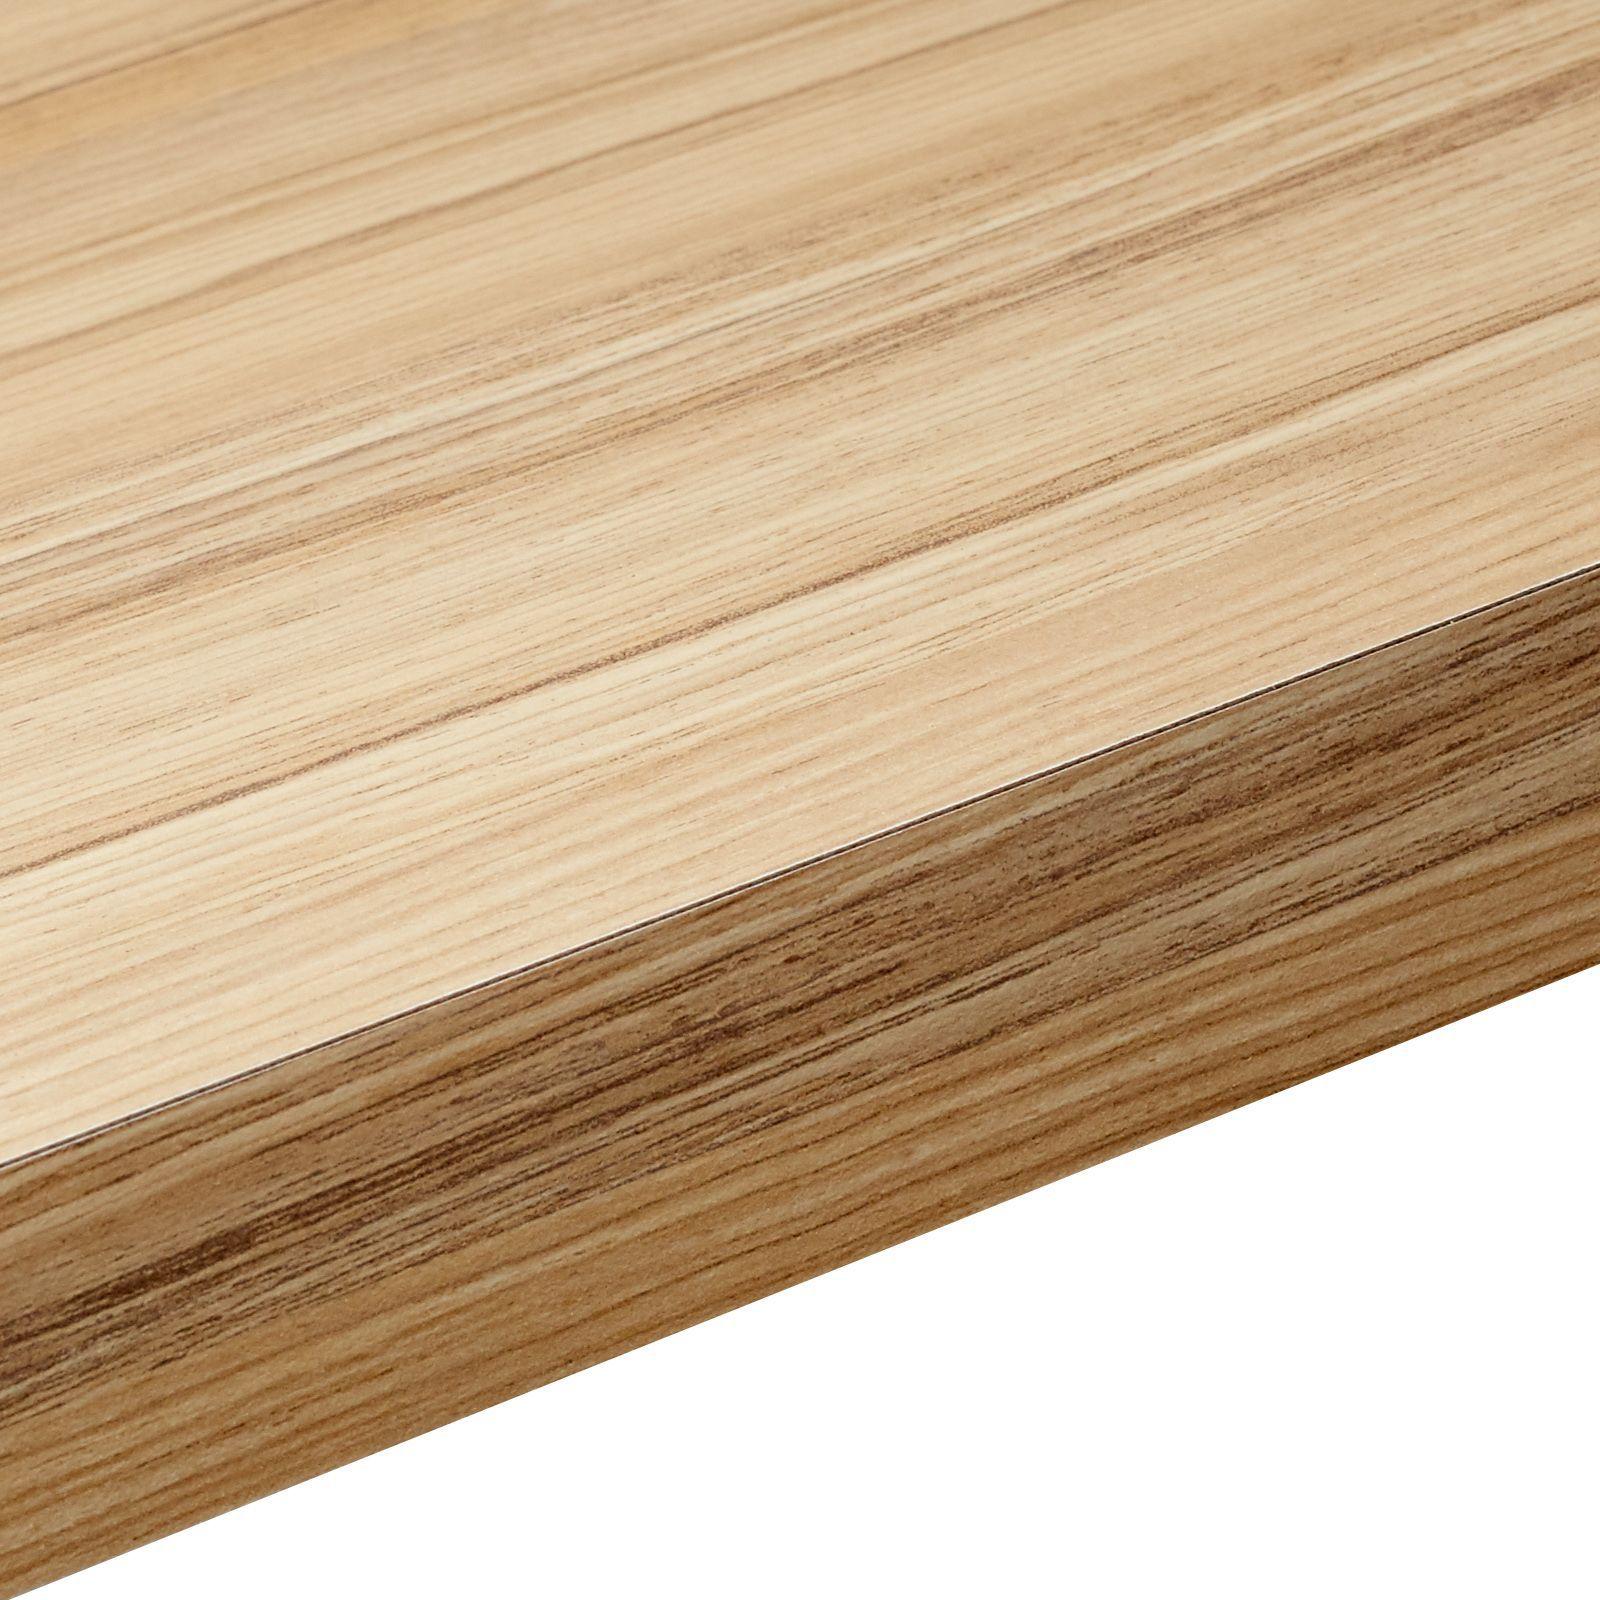 38mm Coco Bolo Soft Grain Wood Effect Square Edge Laminate